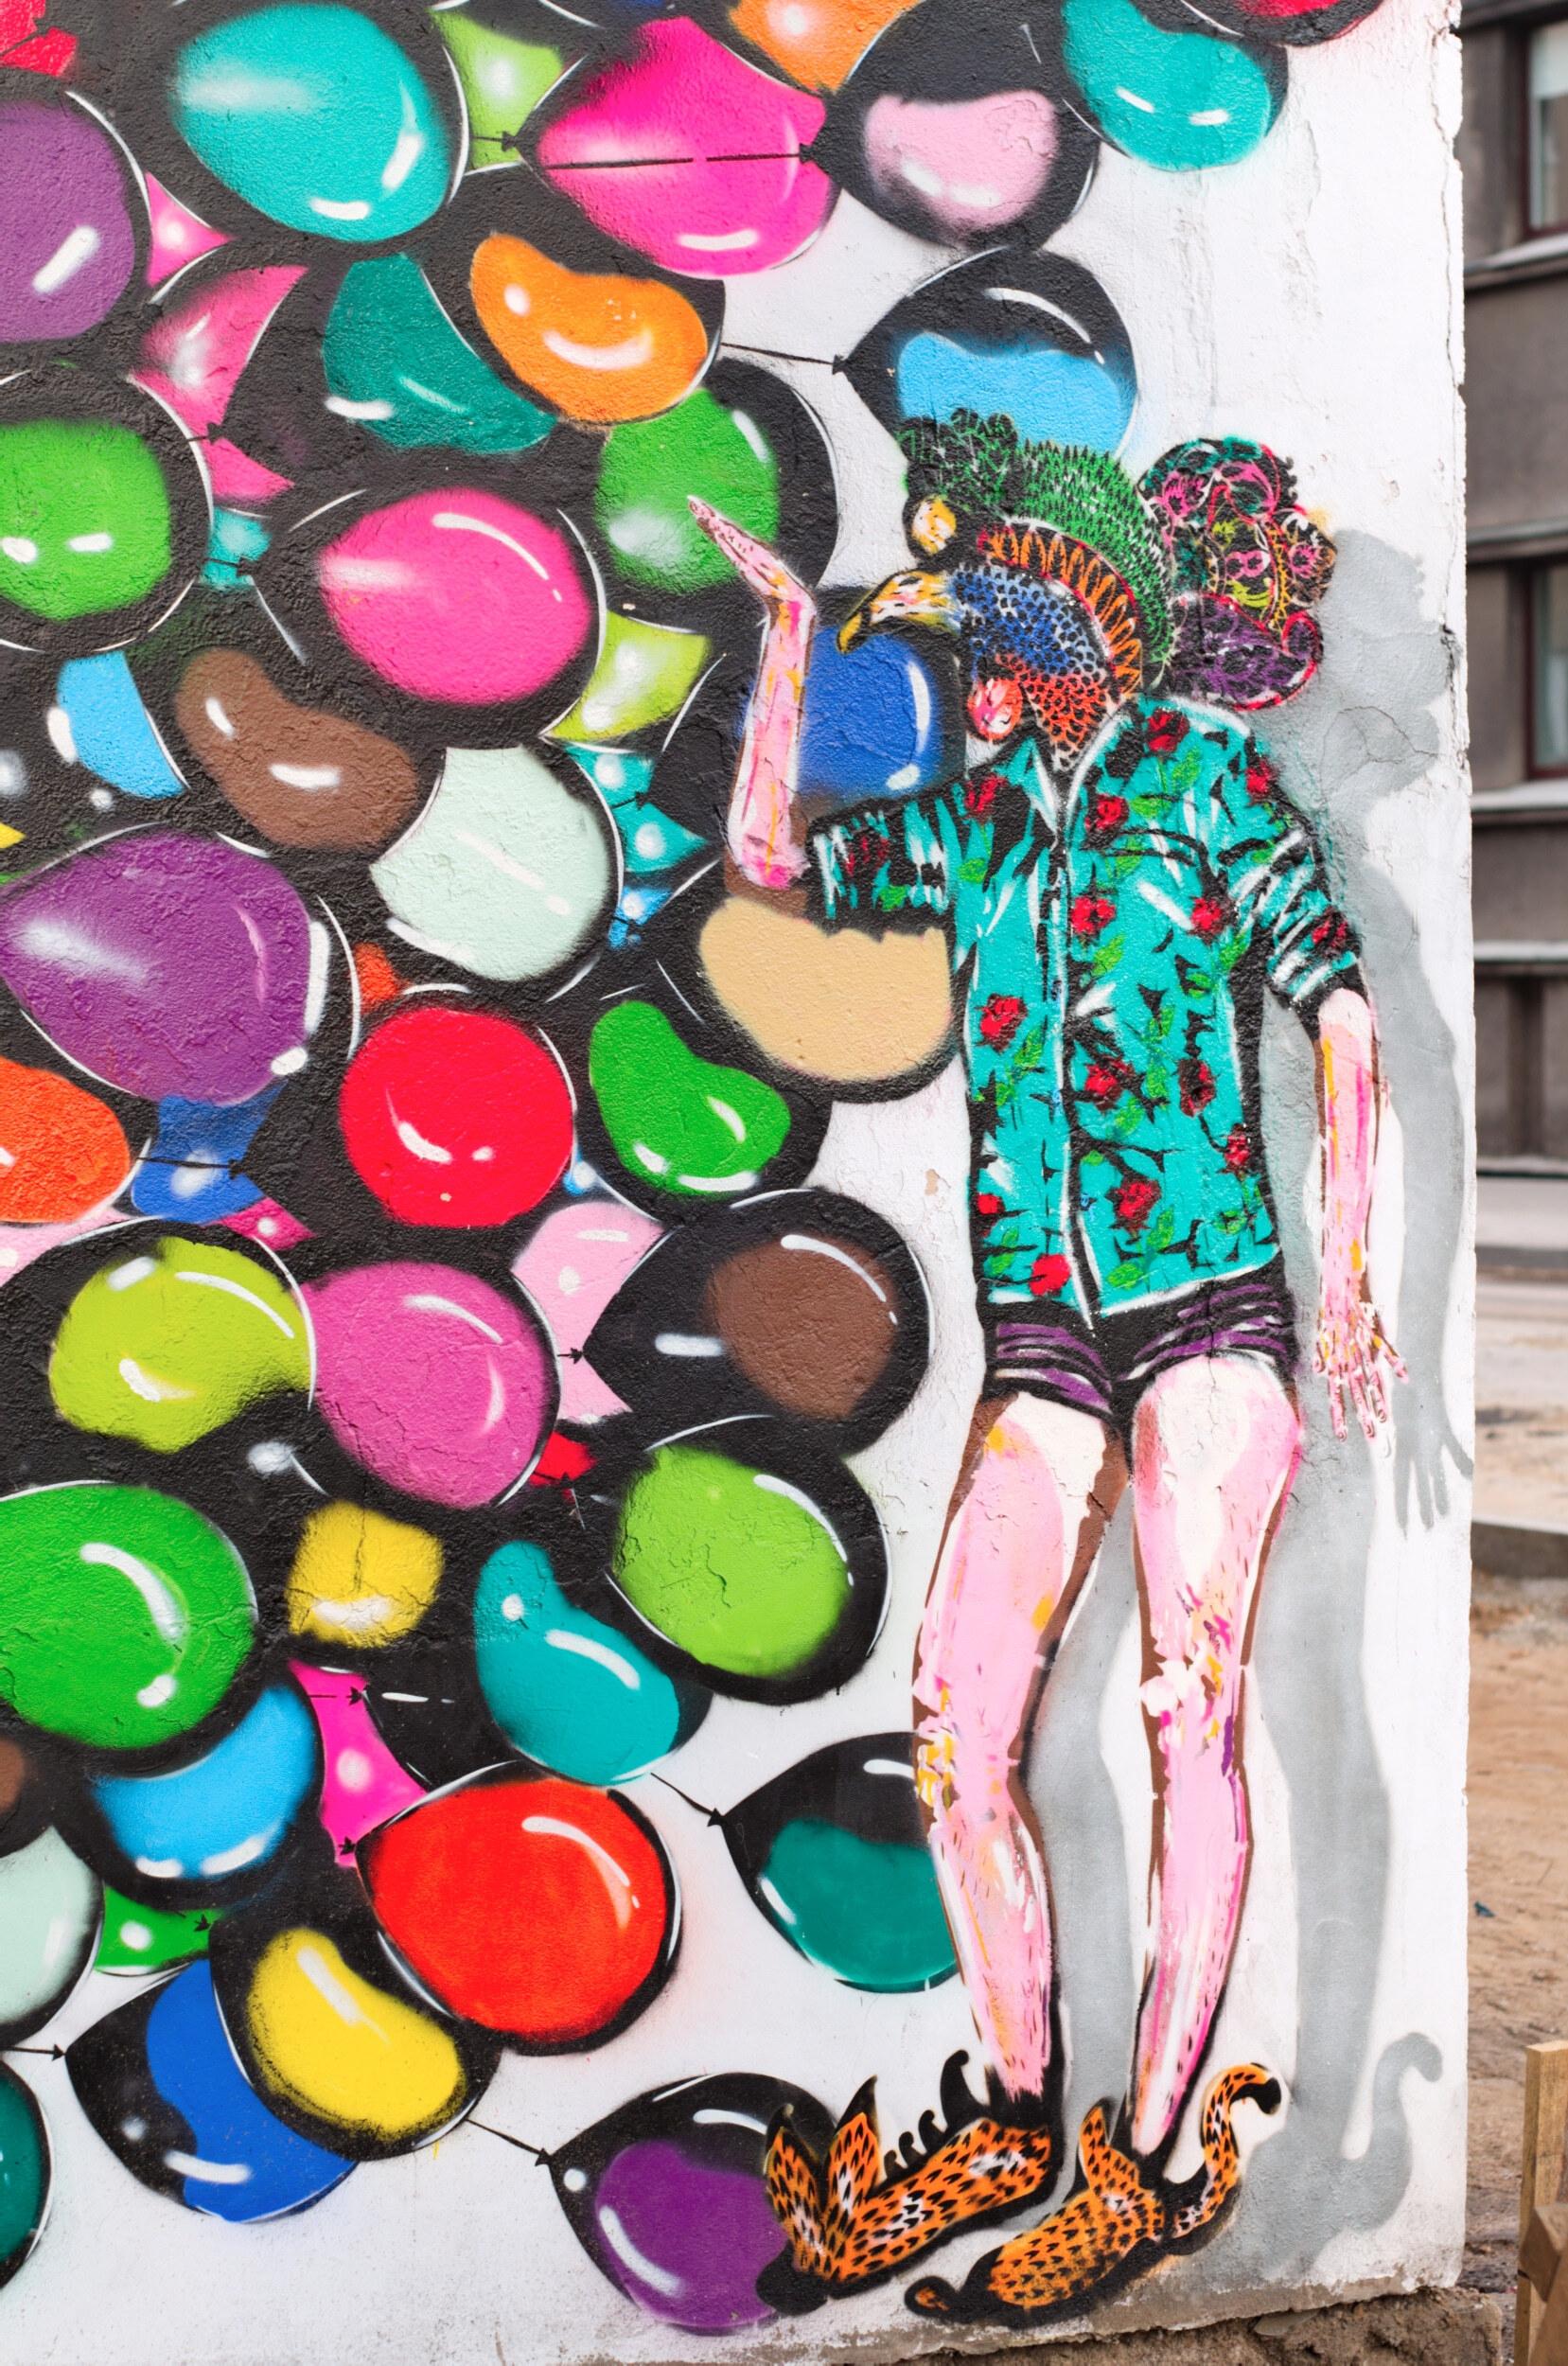 Balionai - gatvės menas